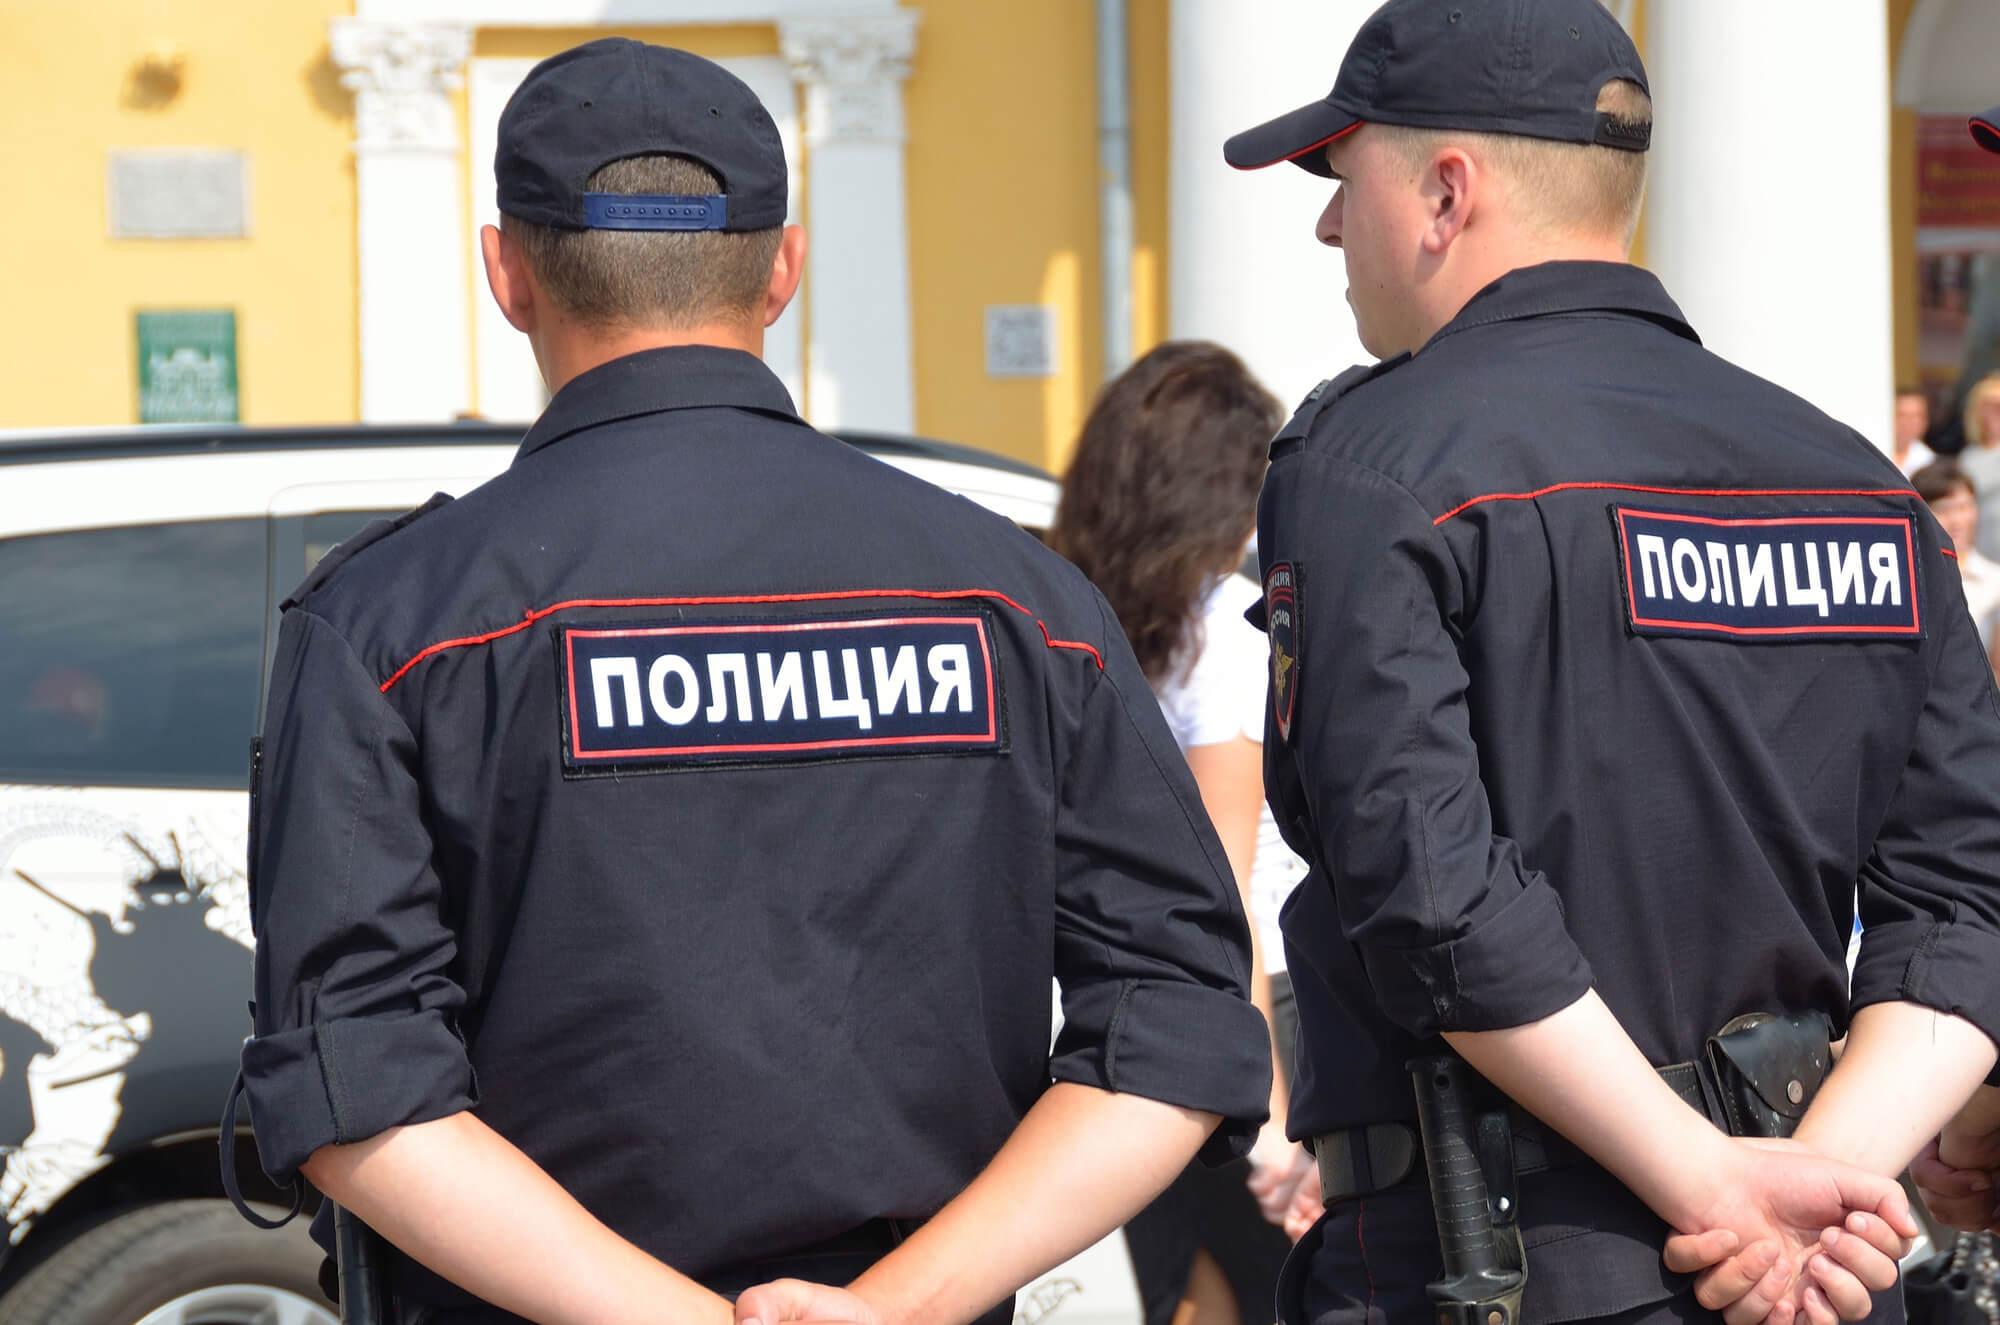 Полицейским разрешат проверять карманы граждан